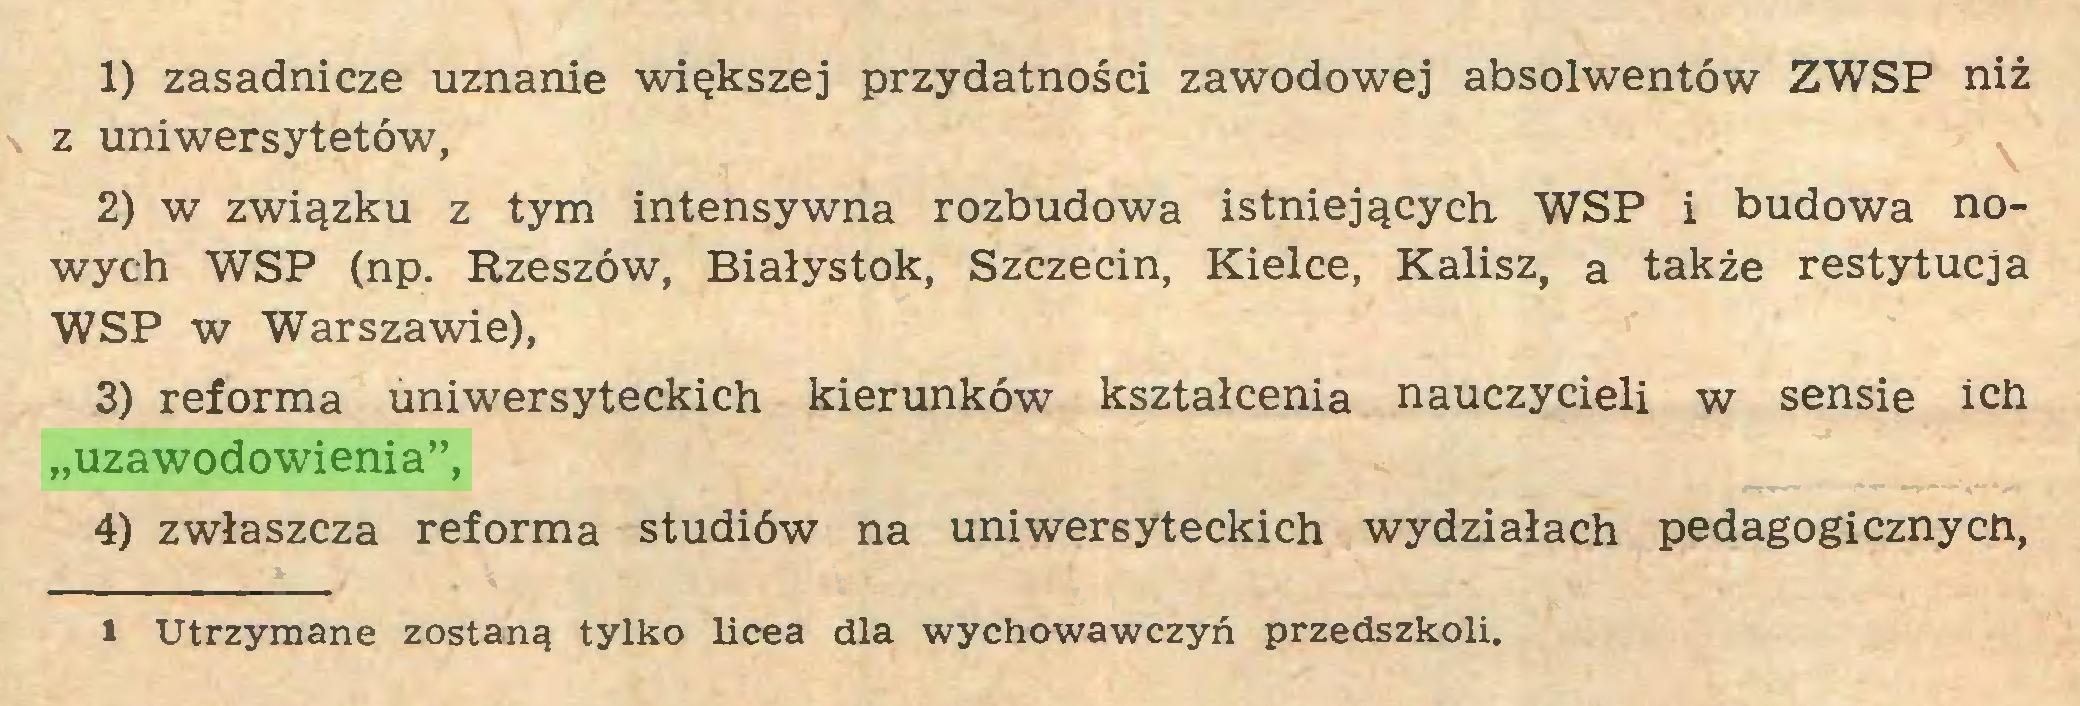 """(...) 1) zasadnicze uznanie większej przydatności zawodowej absolwentów ZWSP niż z uniwersytetów, 2) w związku z tym intensywna rozbudowa istniejących WSP i budowa nowych WSP (np. Rzeszów, Białystok, Szczecin, Kielce, Kalisz, a także restytucja WSP w Warszawie), 3) reforma uniwersyteckich kierunków kształcenia nauczycieli w sensie ich """"uzawodowienia"""", 4) zwłaszcza reforma studiów na uniwersyteckich wydziałach pedagogicznych, ii Utrzymane zostaną tylko licea dla wychowawczyń przedszkoli..."""